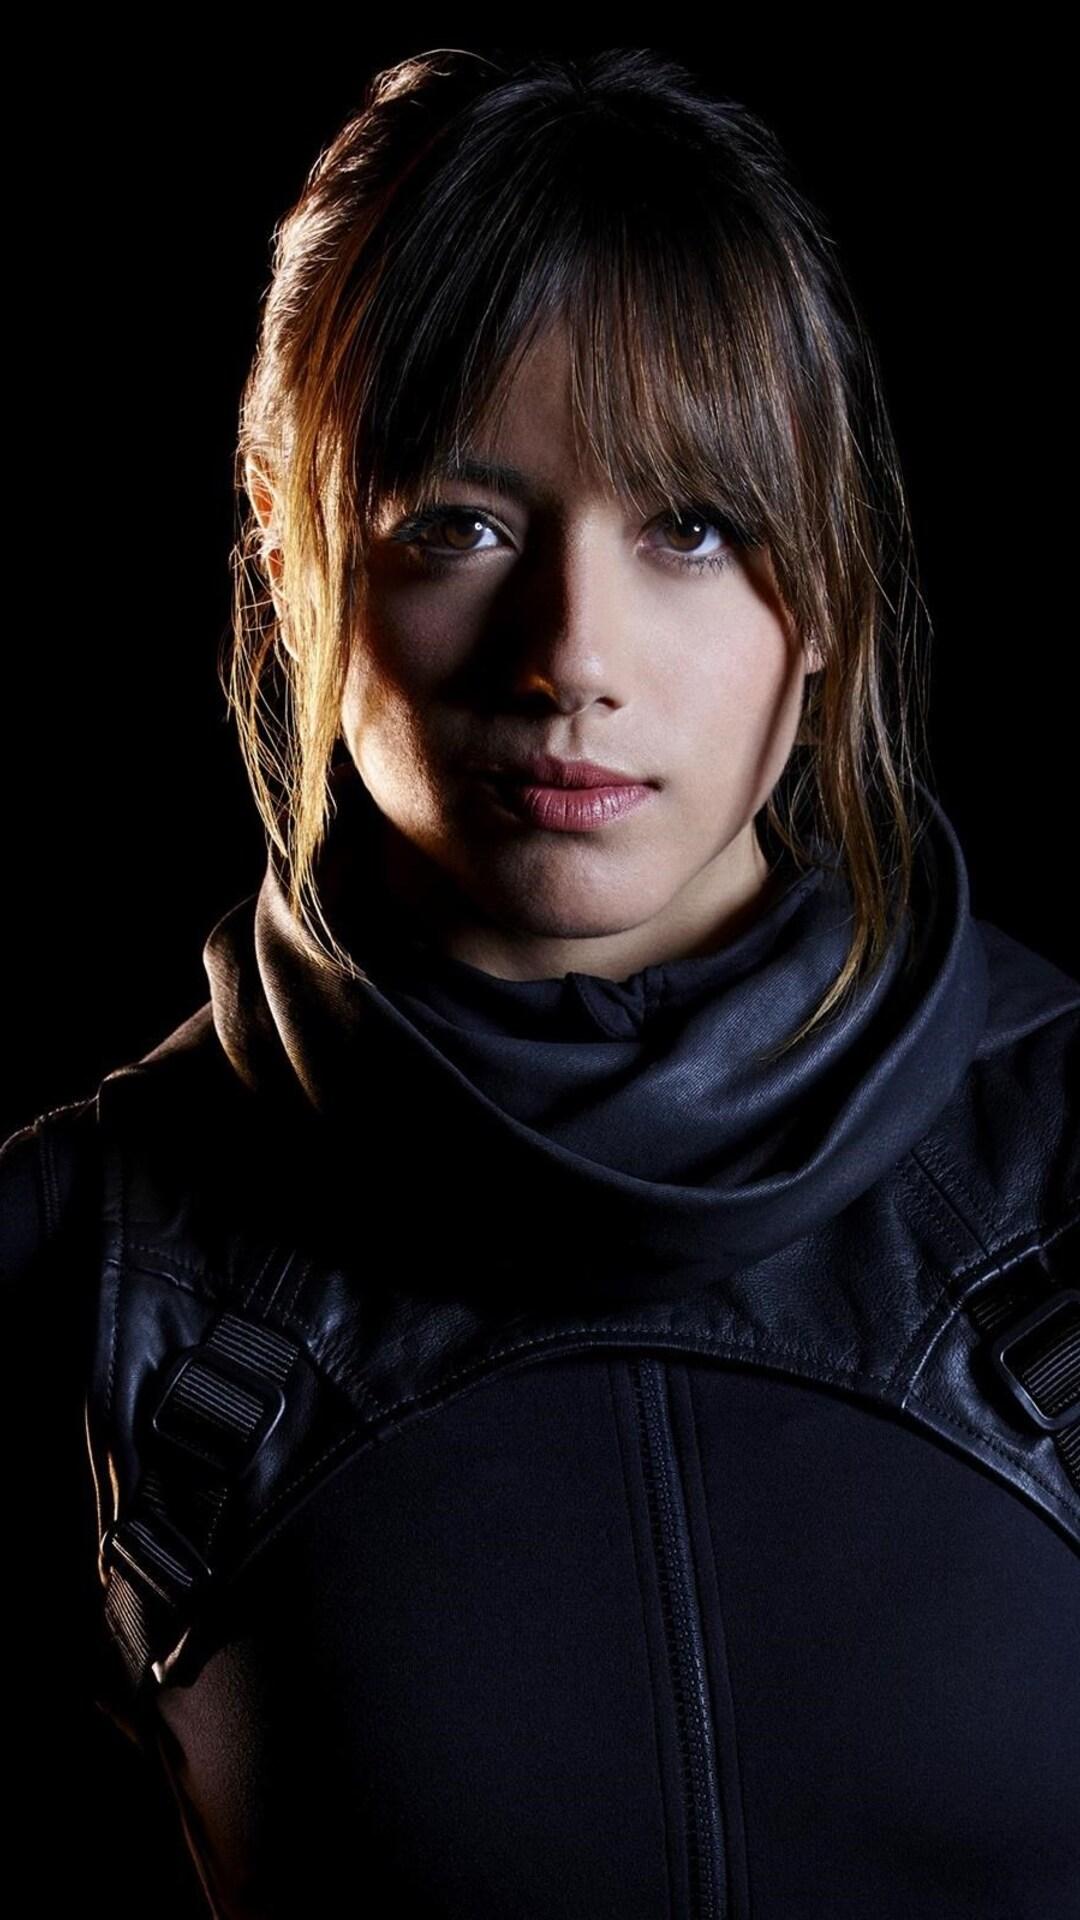 chloe-bennet-in-agent-of-shield.jpg